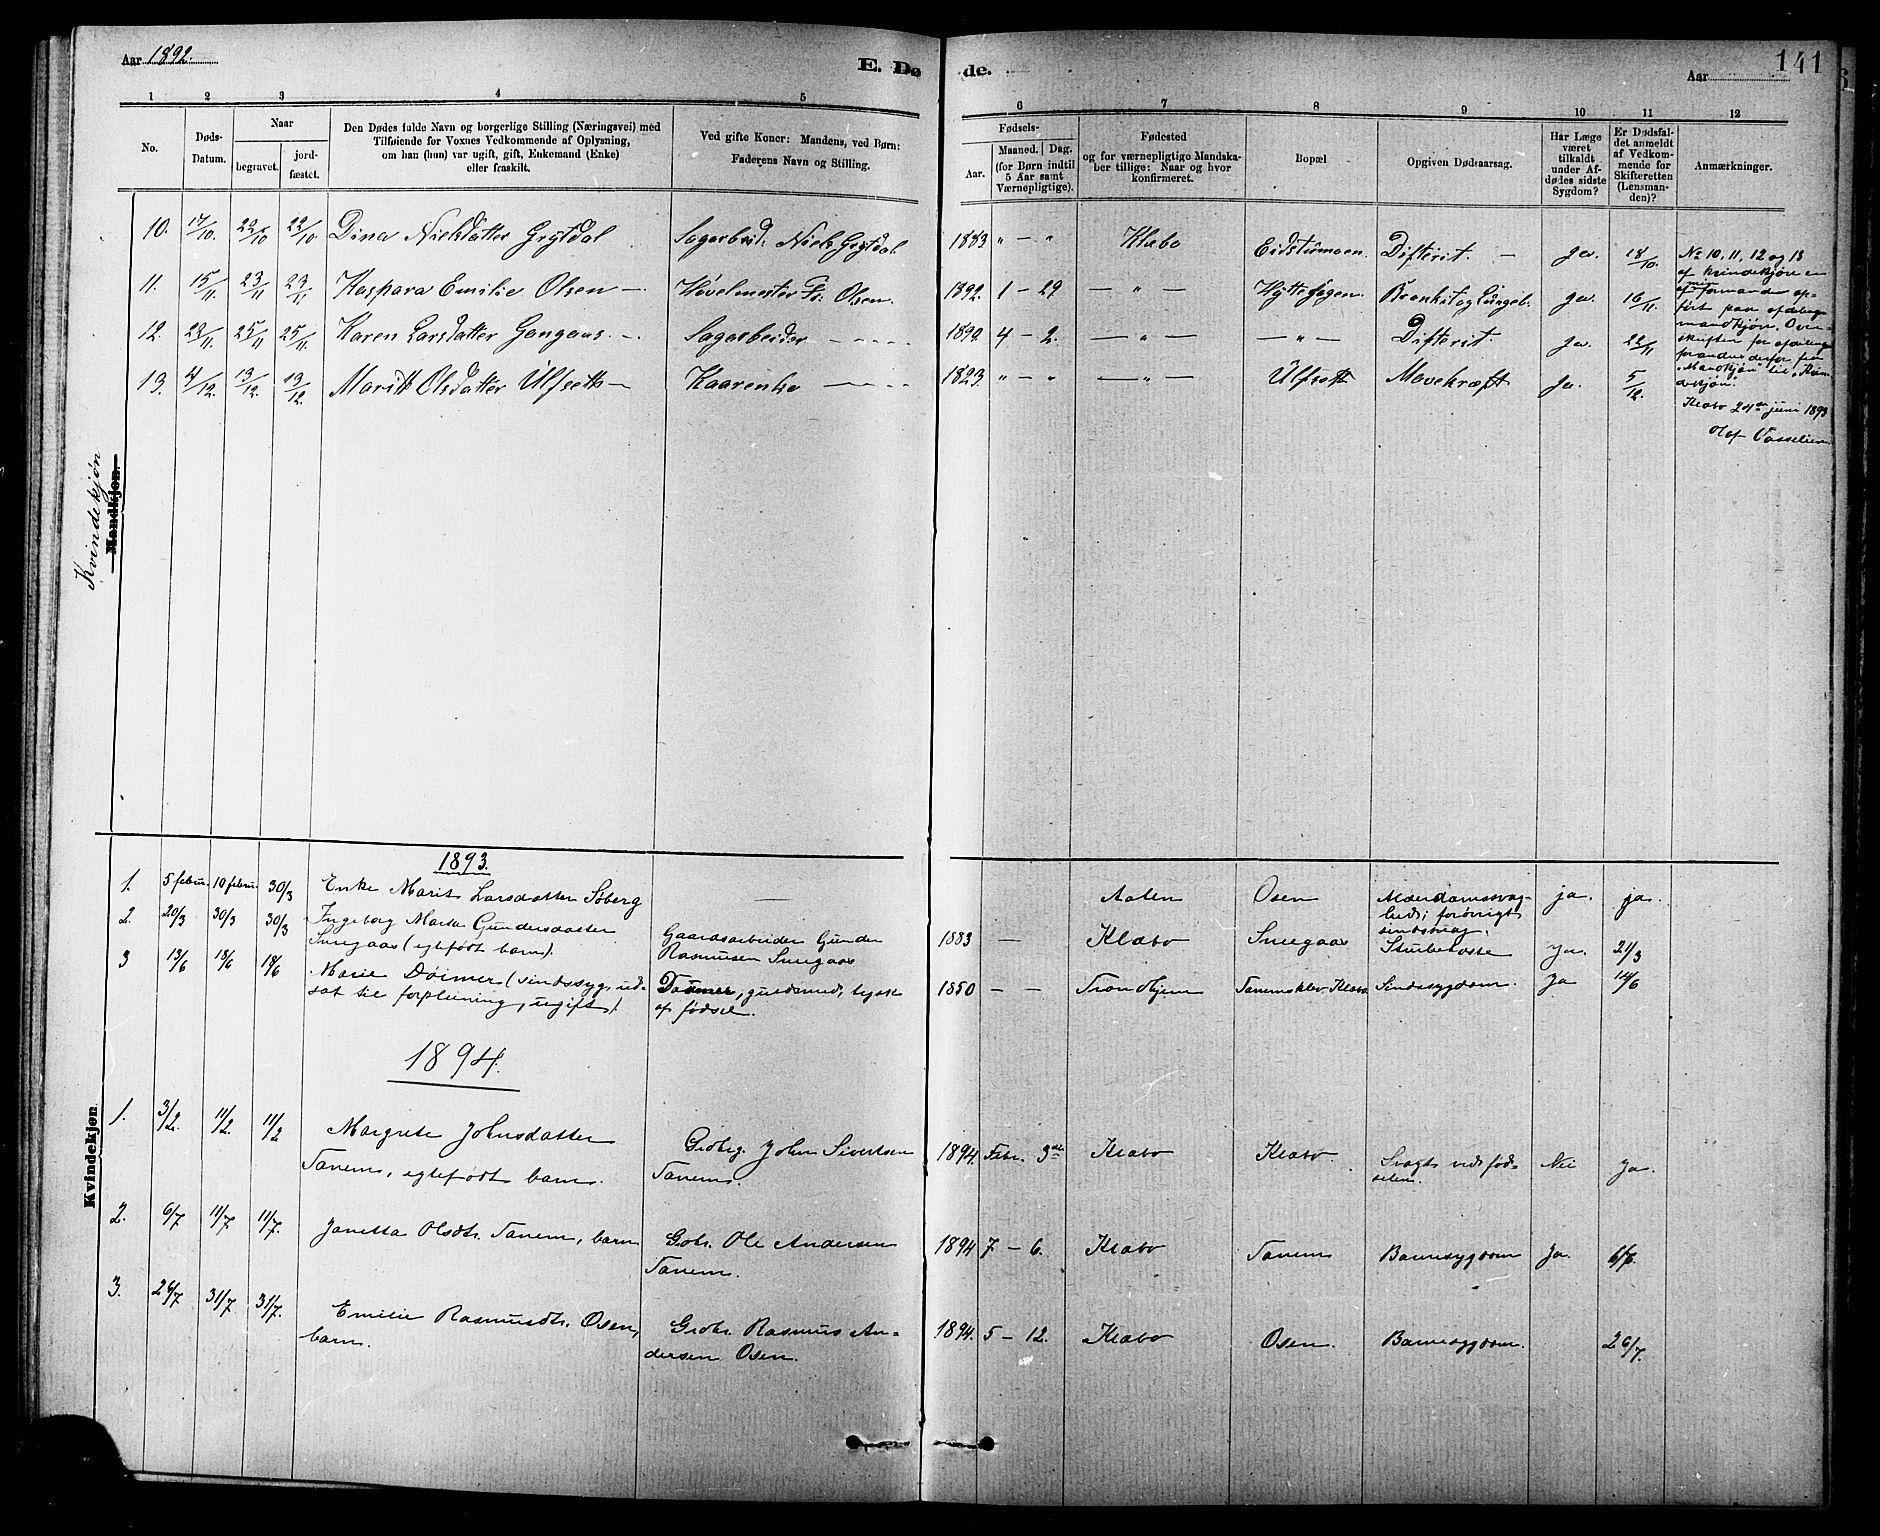 SAT, Ministerialprotokoller, klokkerbøker og fødselsregistre - Sør-Trøndelag, 618/L0452: Klokkerbok nr. 618C03, 1884-1906, s. 141